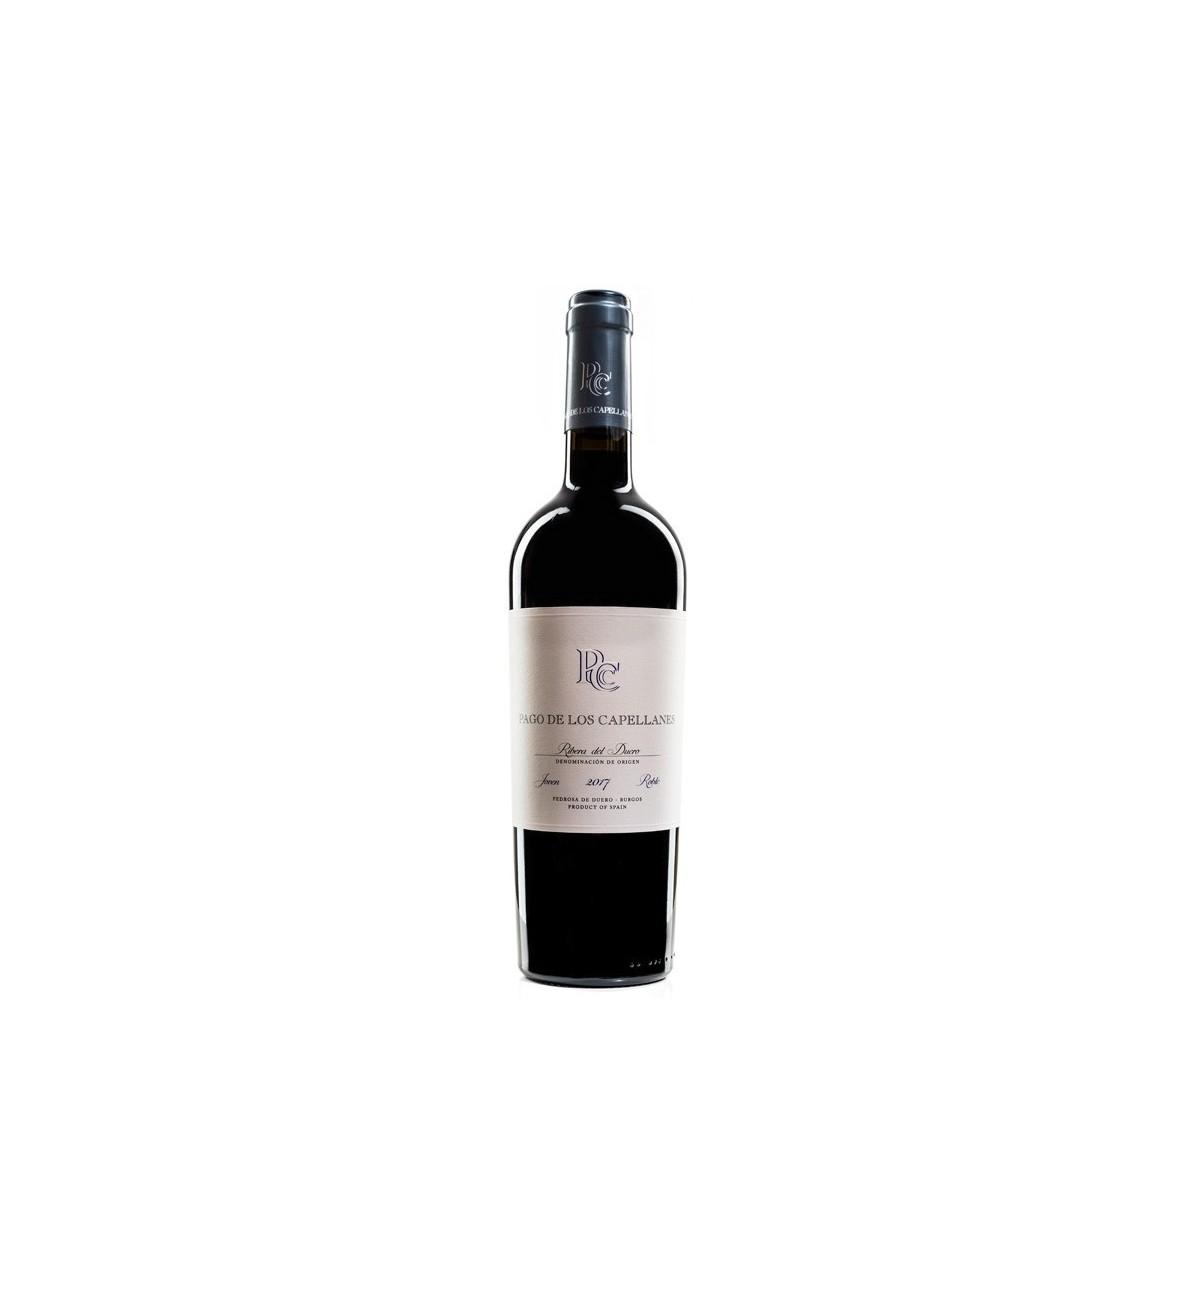 Pago de los Capellanes Roble 2017 - Vino Tinto, Ribera del Duero